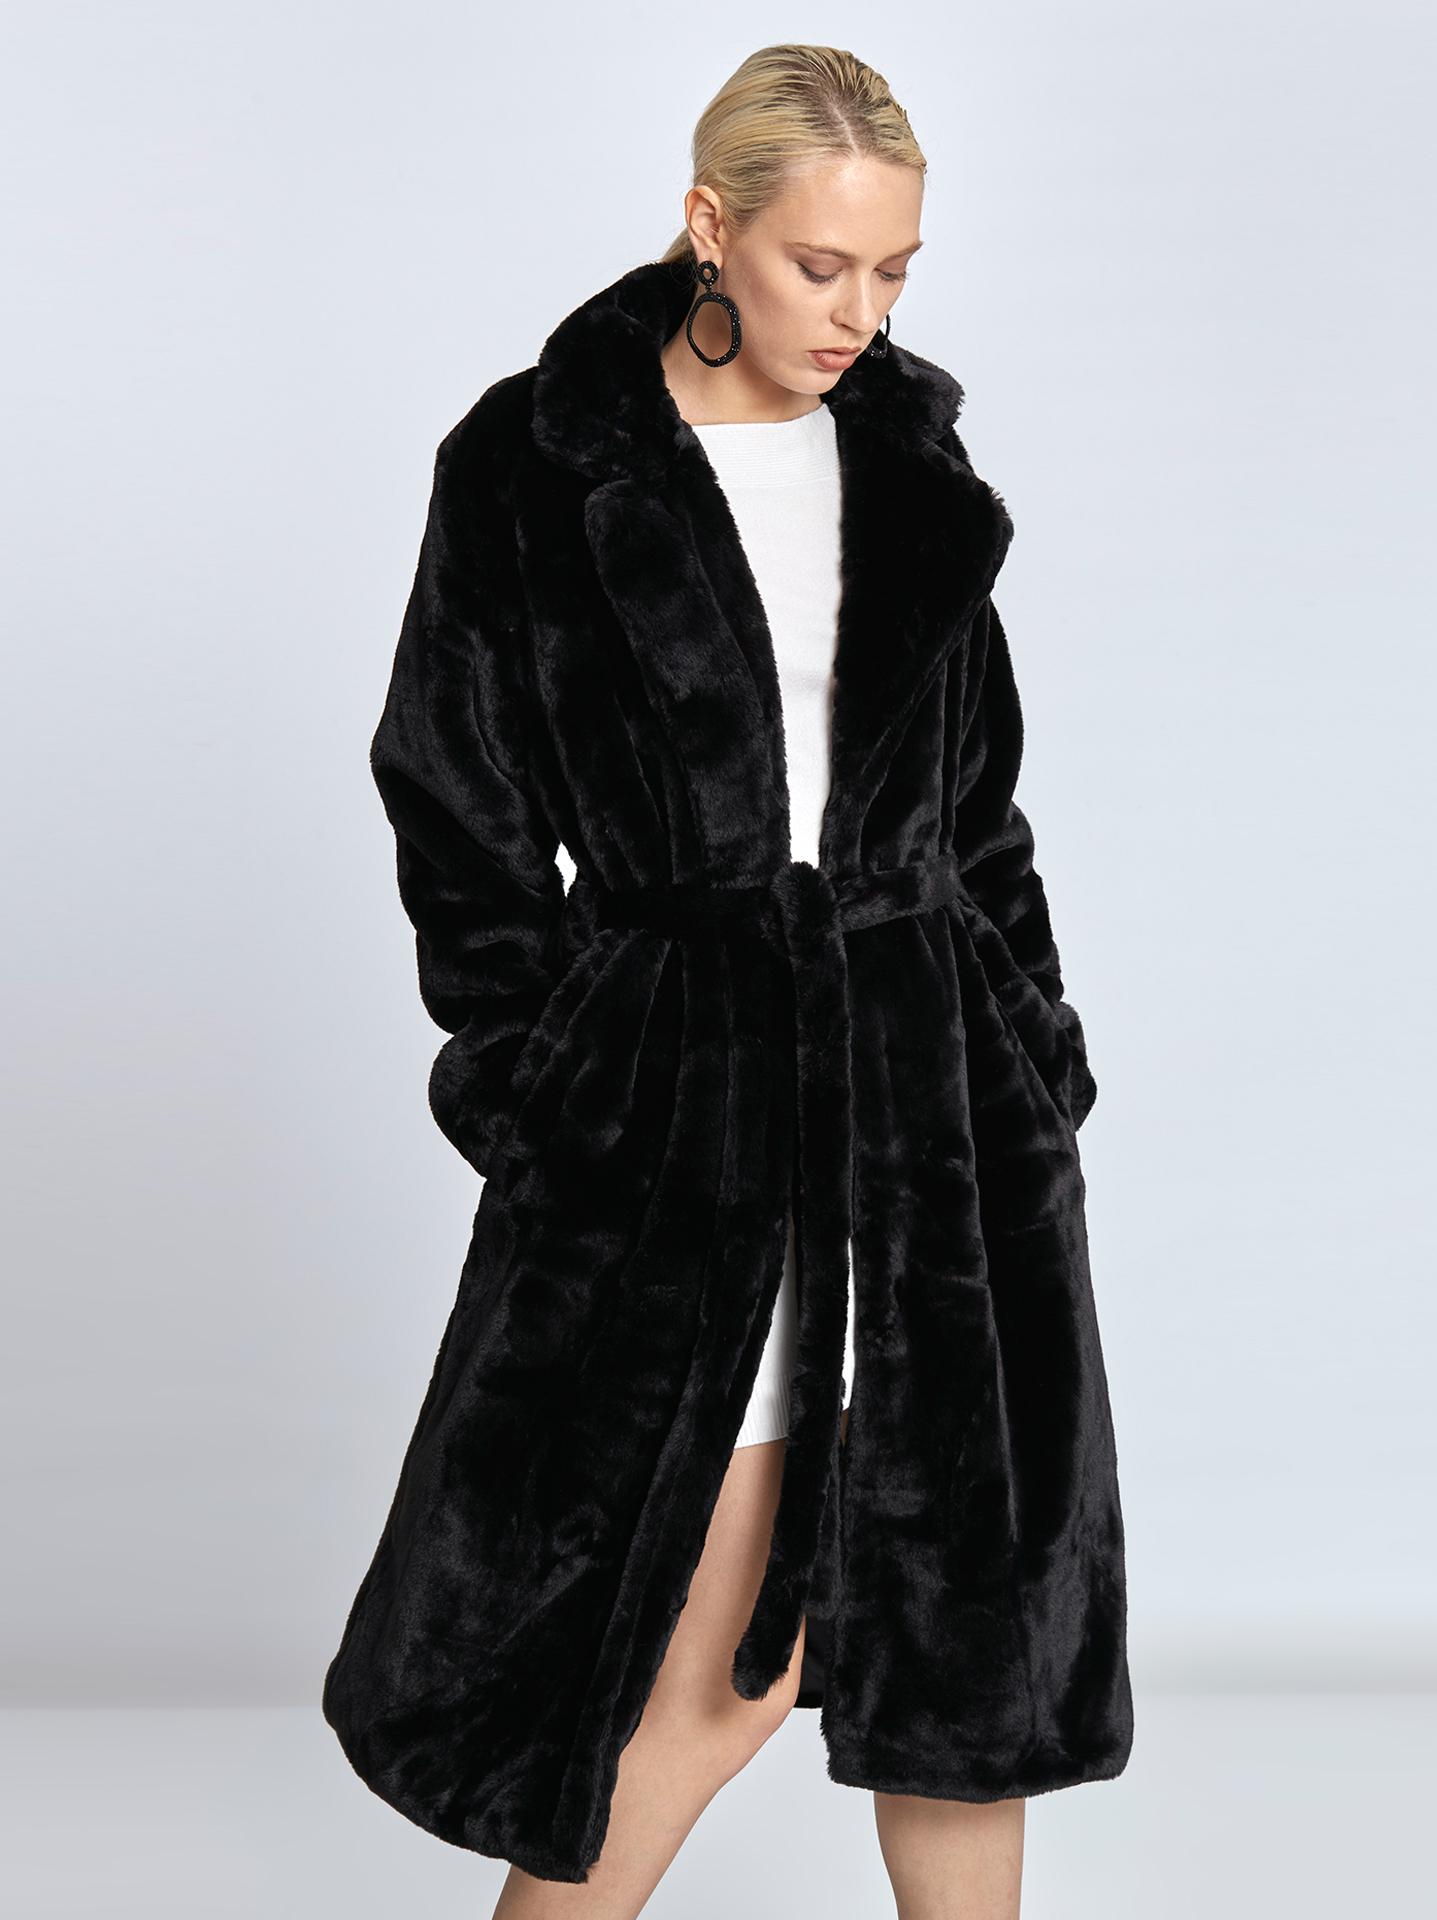 Μακρύ παλτό από συνθετική γούνα σε μαυρο 98da9b90dde